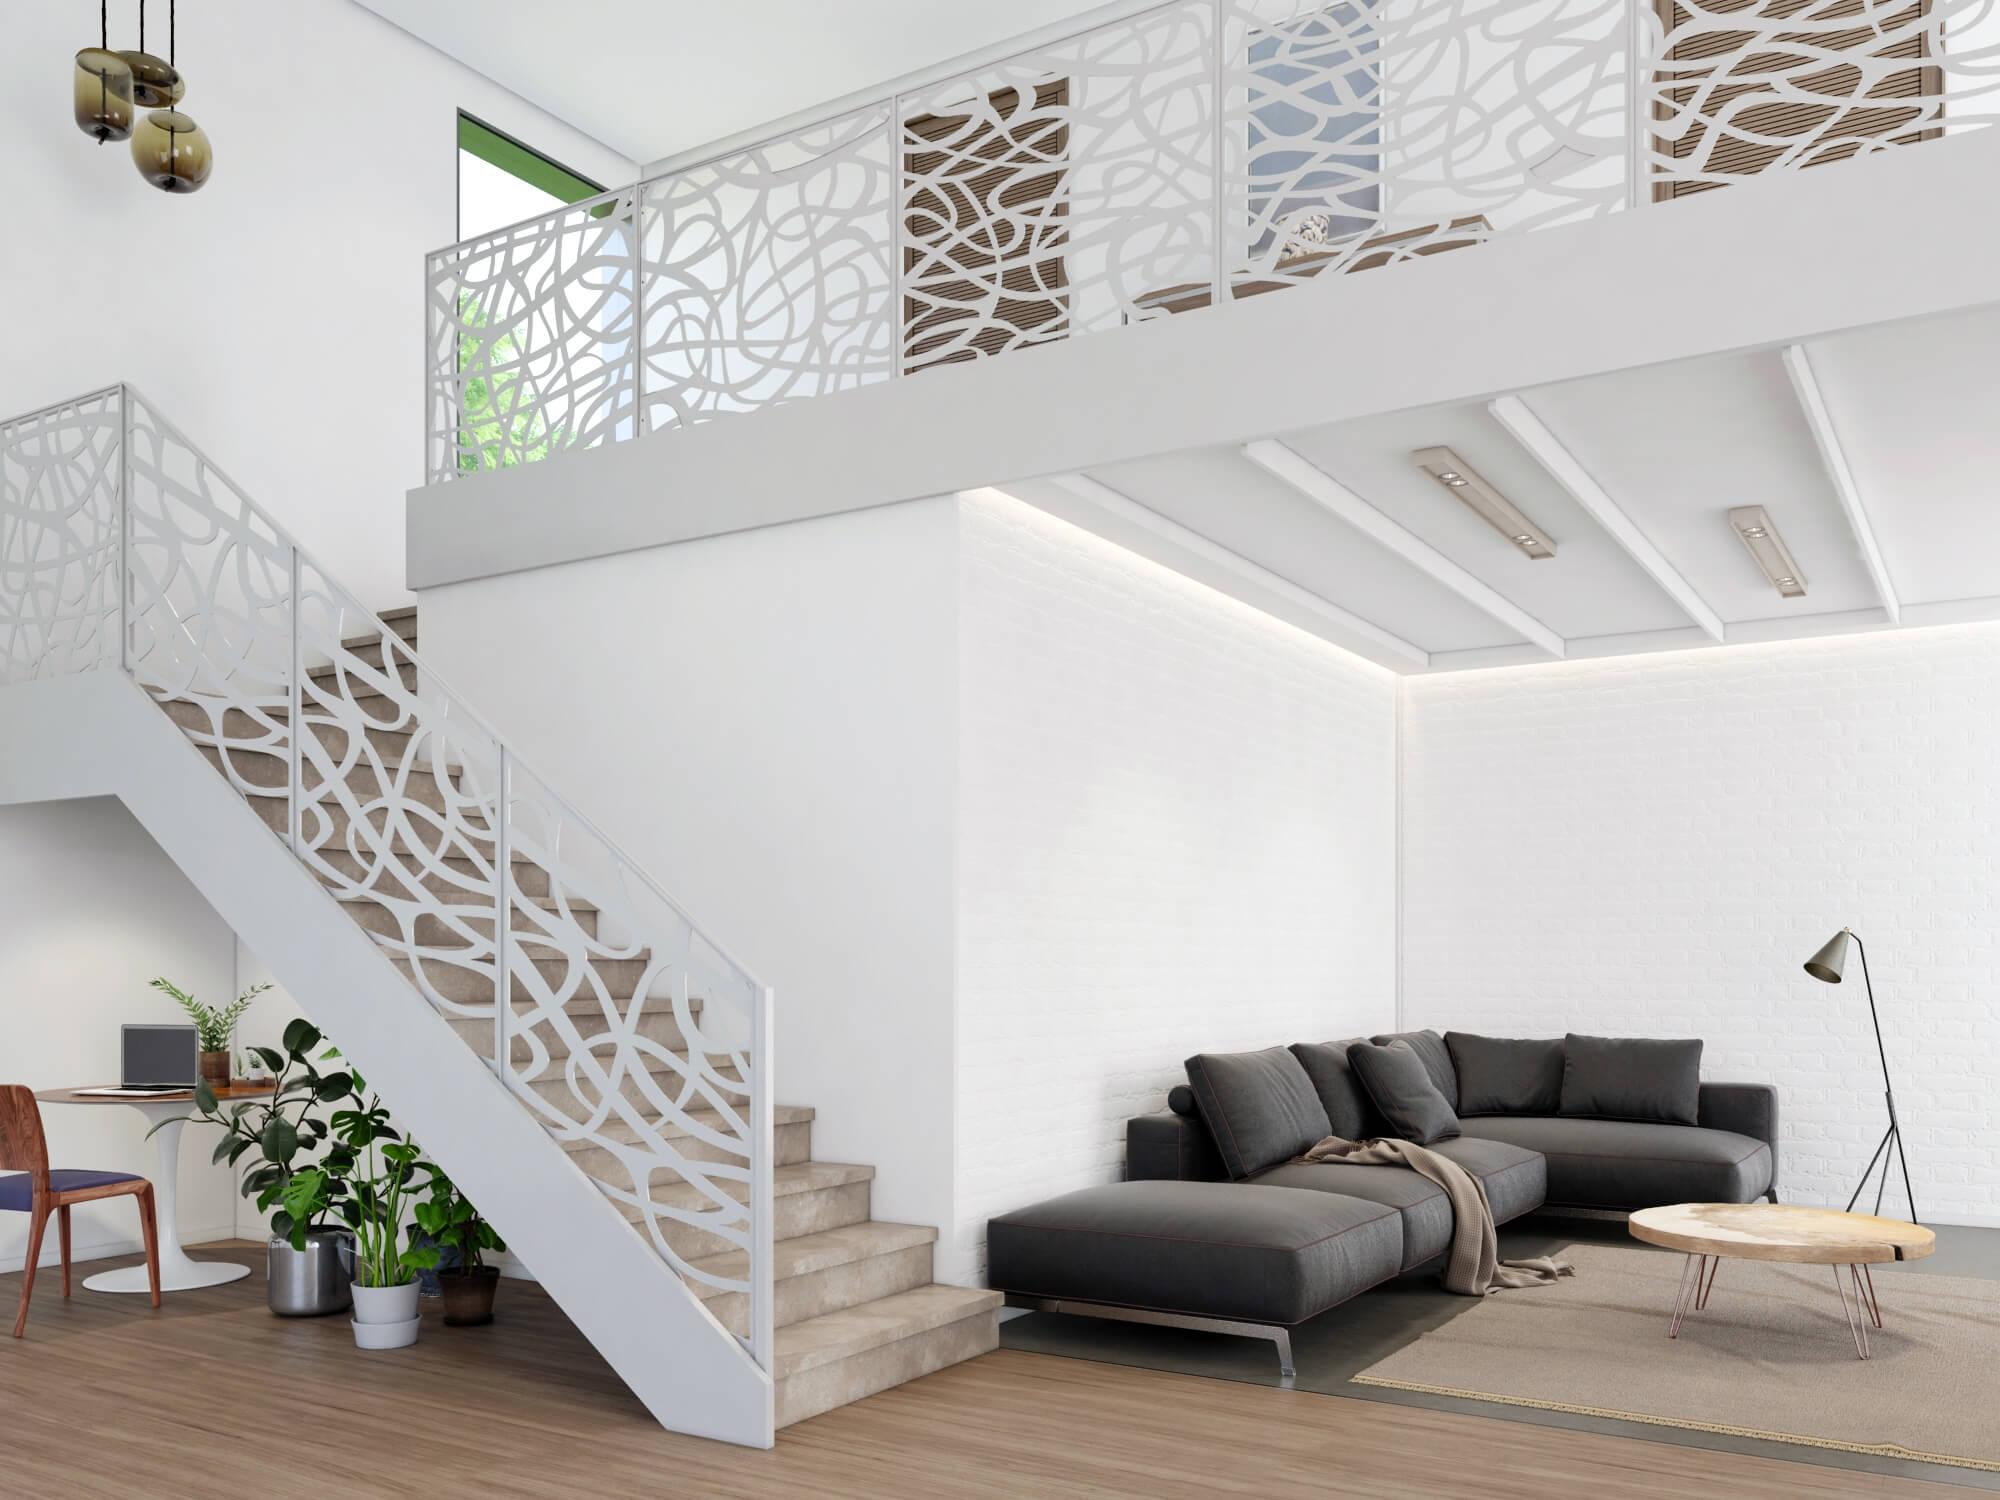 image d'architecture 3D d'un grand espace à vivre tons blancs